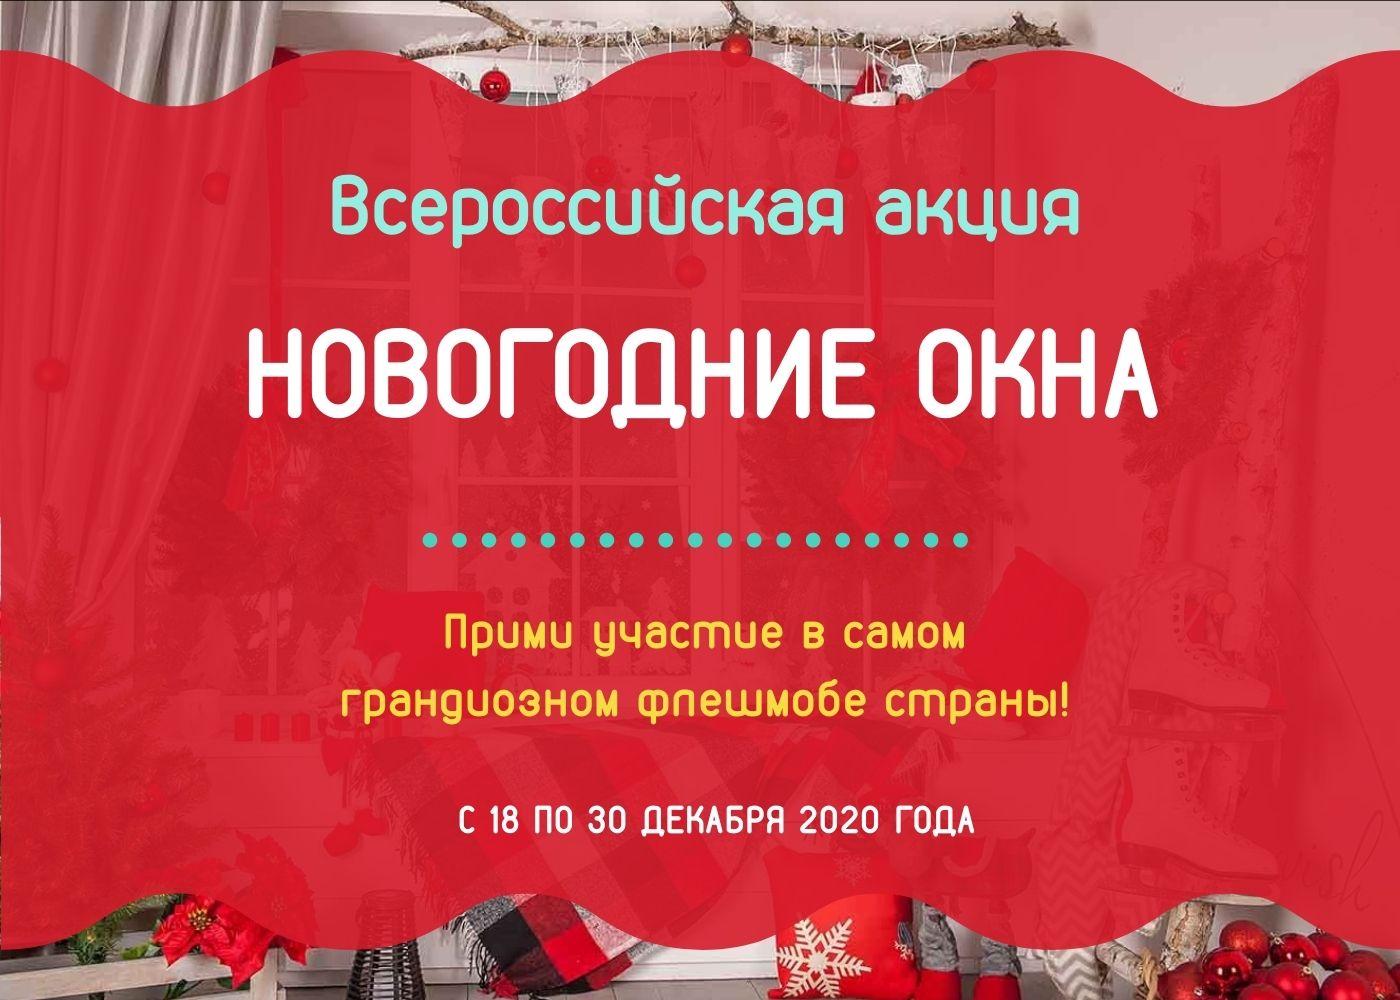 """Тамбовчане могут присоединиться к акции """"Новогодние окна"""""""